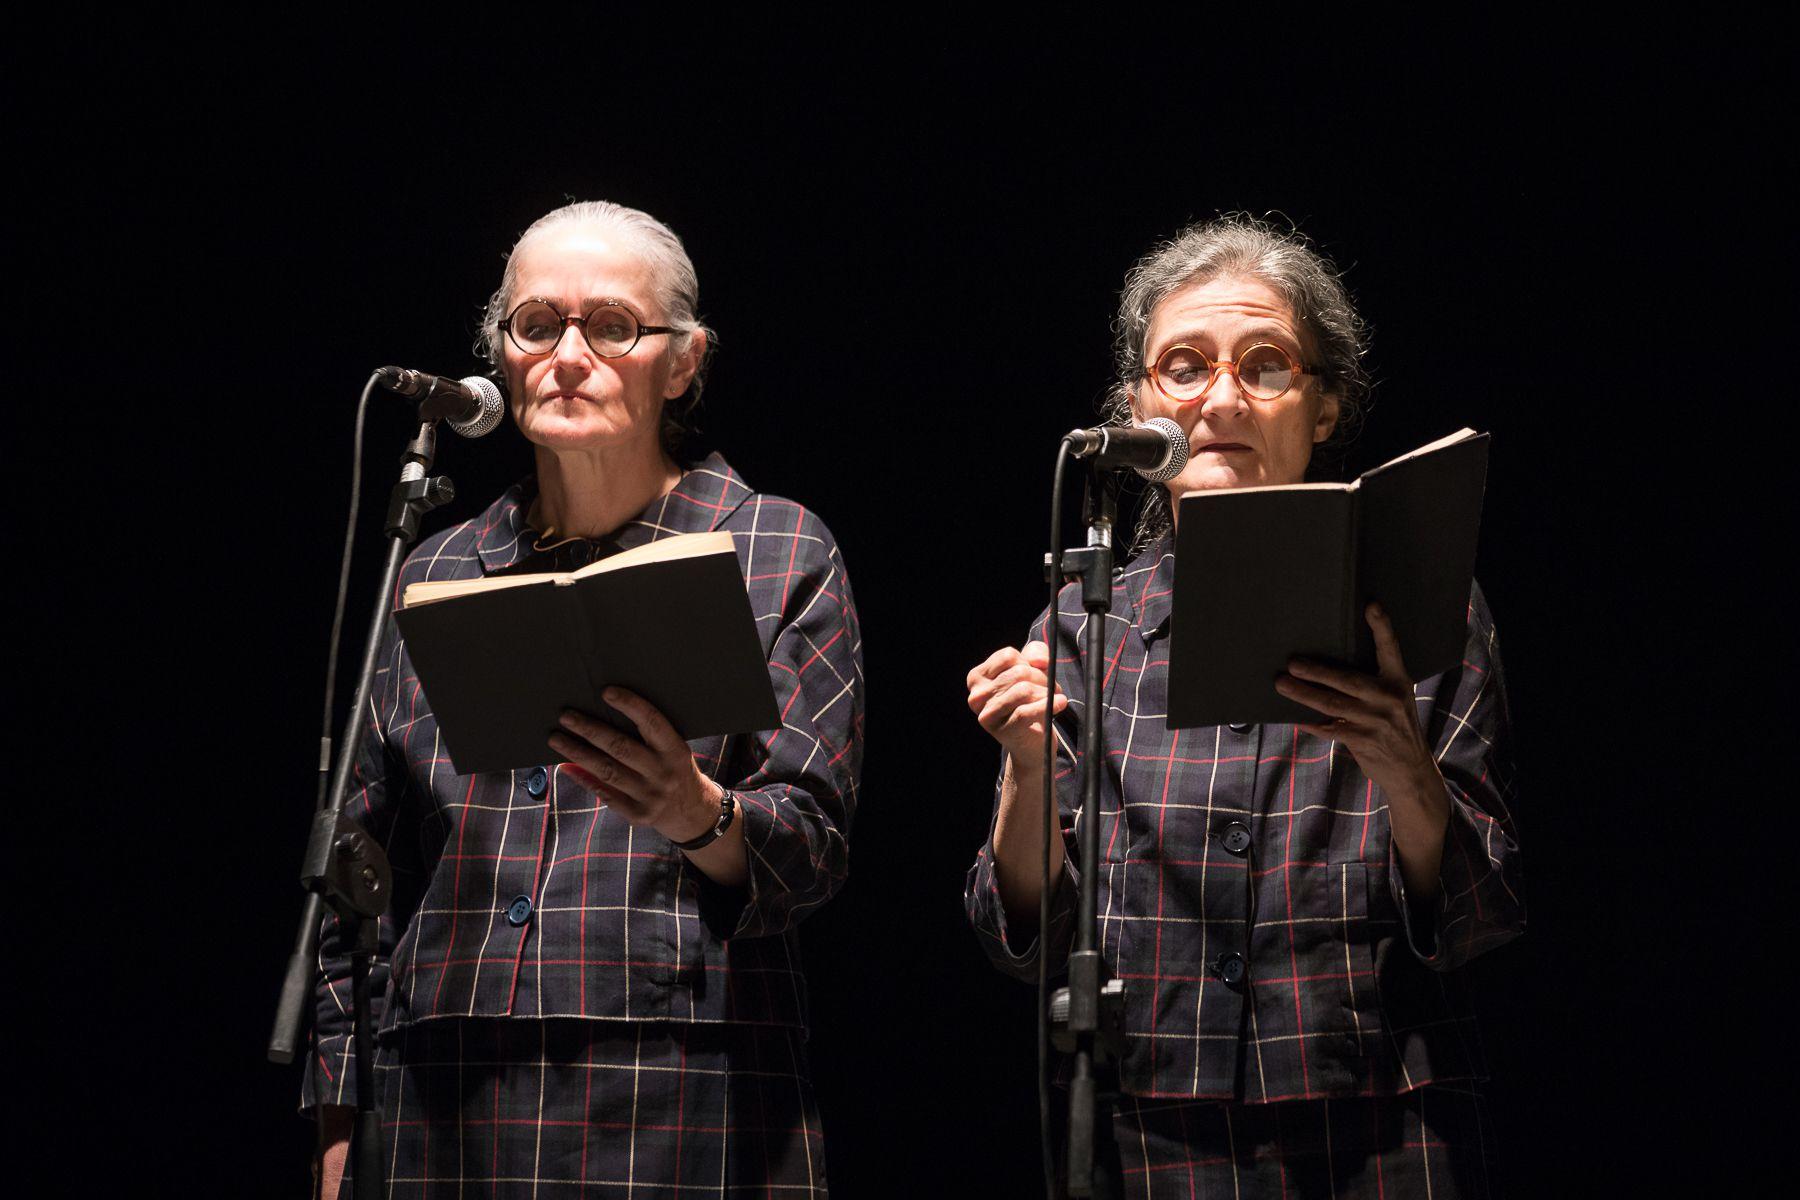 Claudia Castellucci & Chiara Guidi Il regno profondo. Foto di scena ©Claudia Pajewski